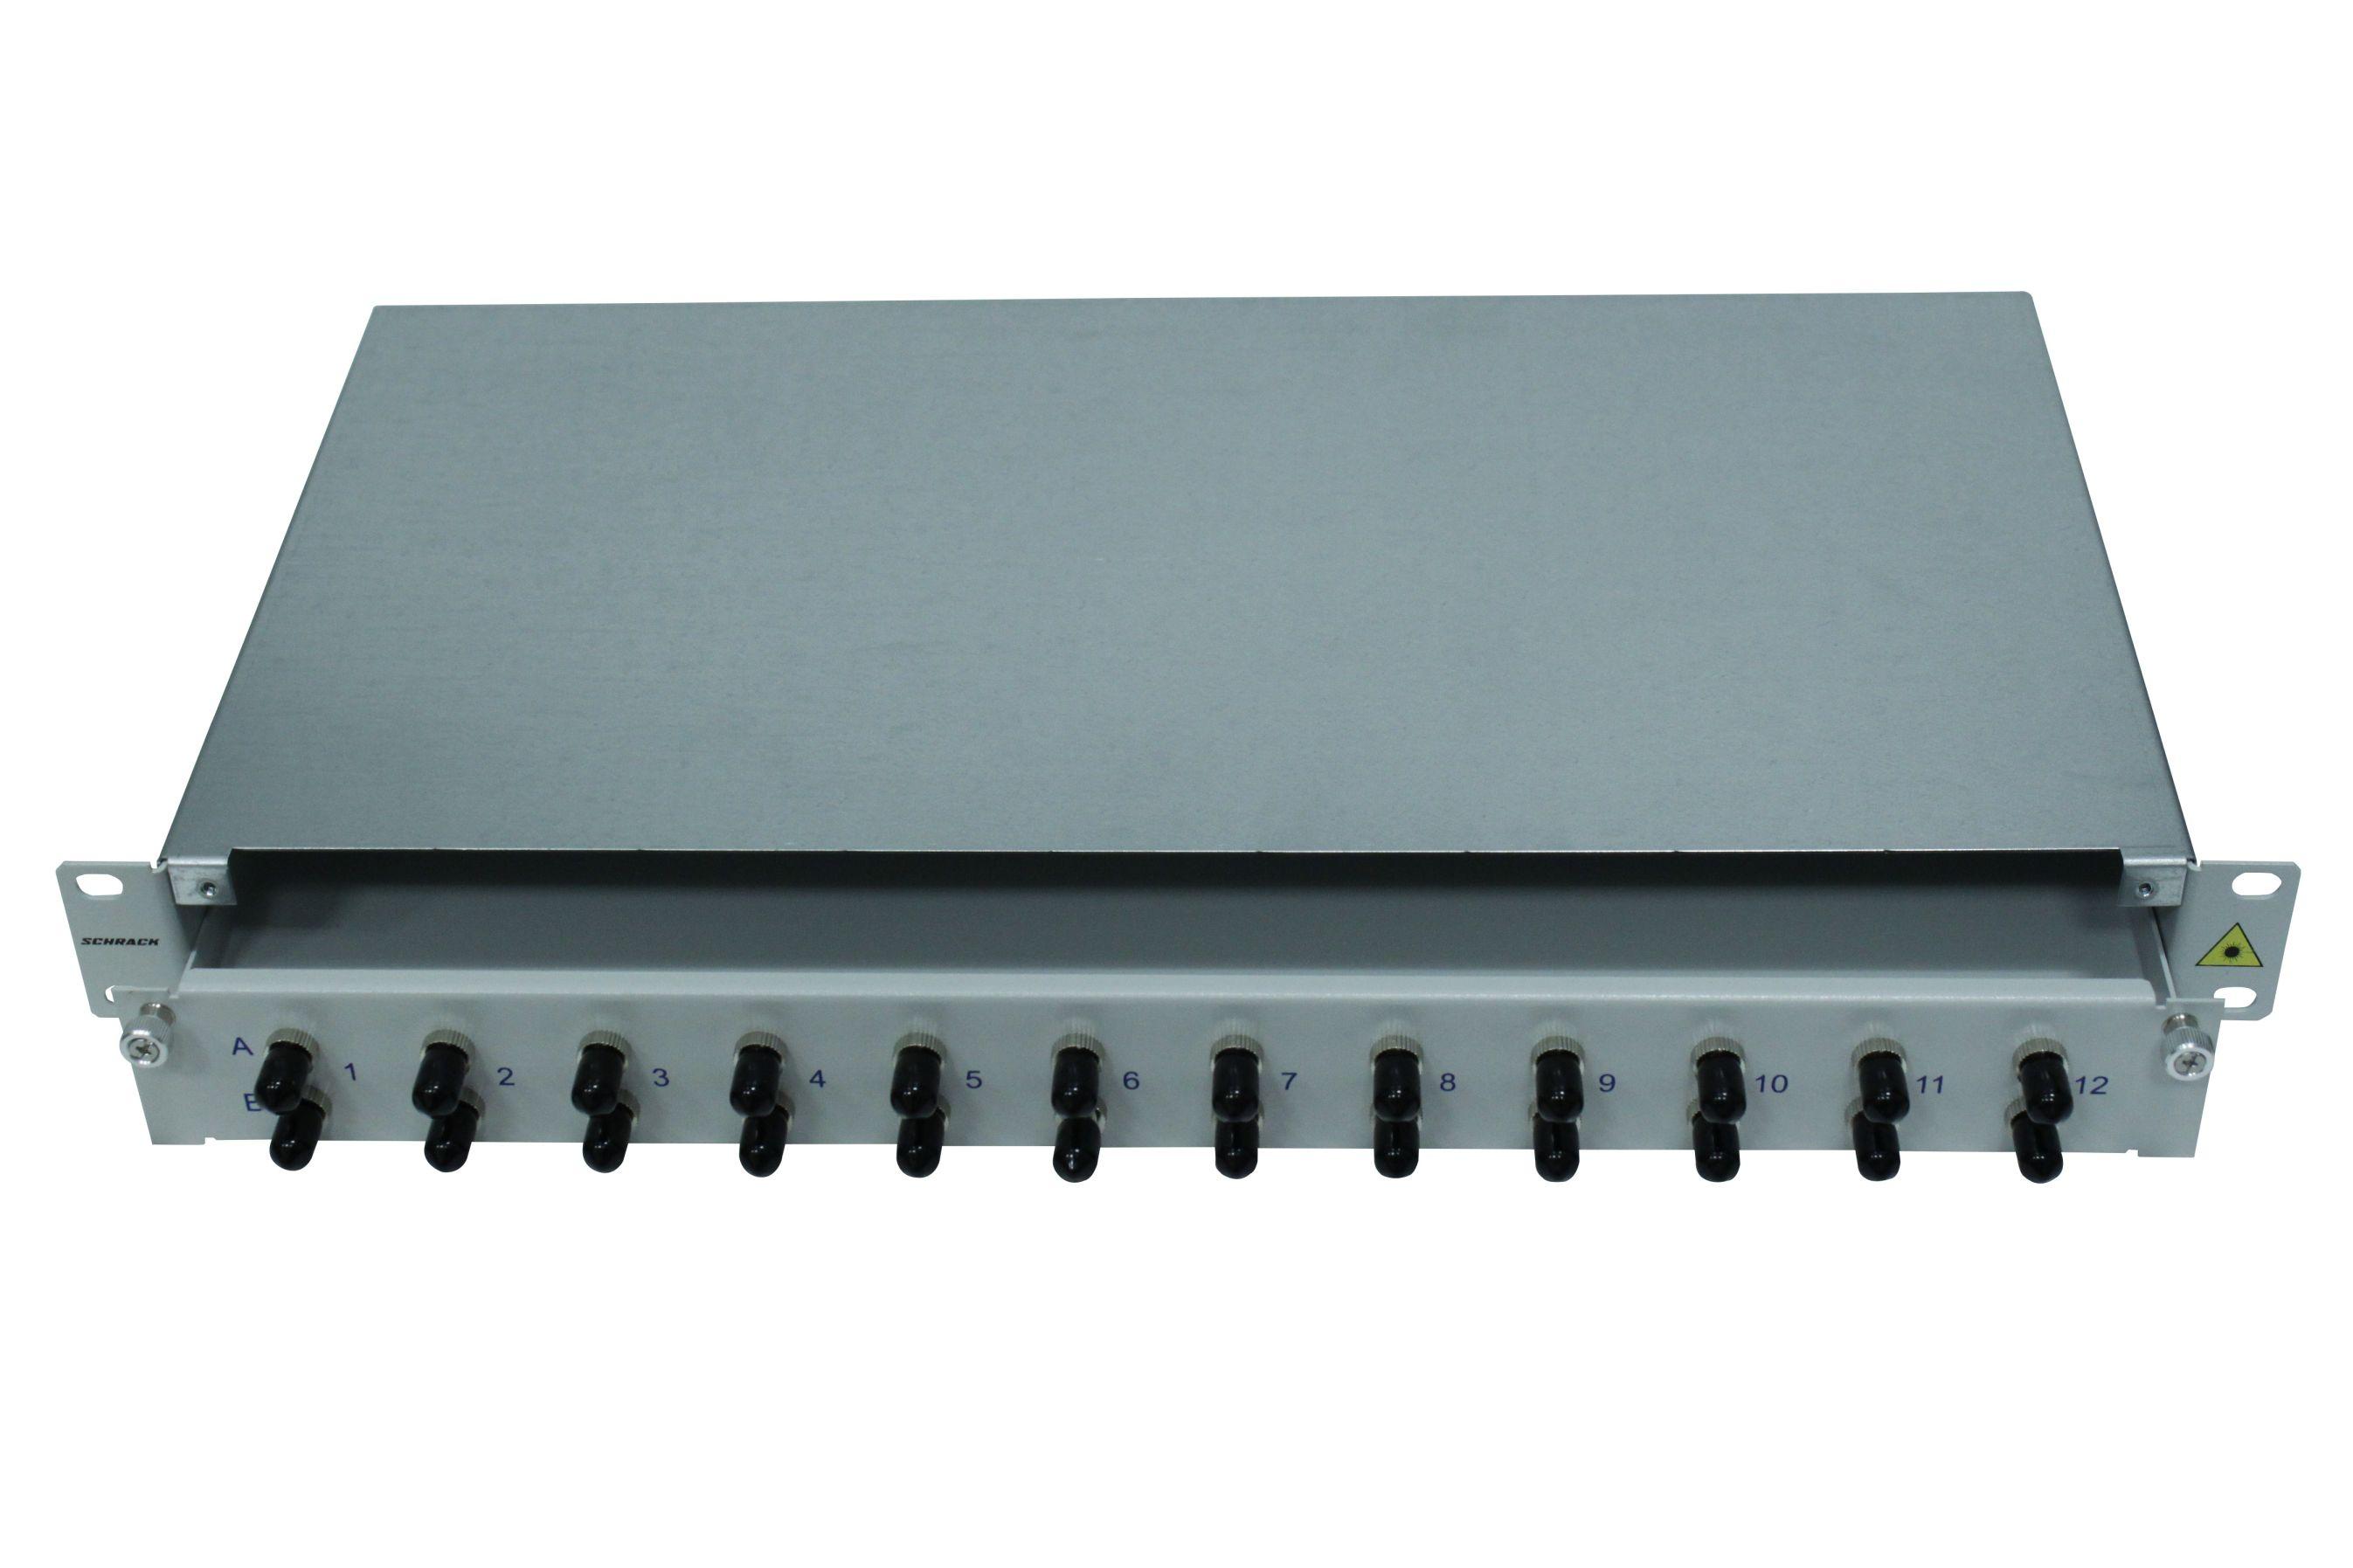 1 Stk LWL Patchpanel 19, 1 HE, ausziehbar, für 16 Fasern, ST, MM HSELS16MTG